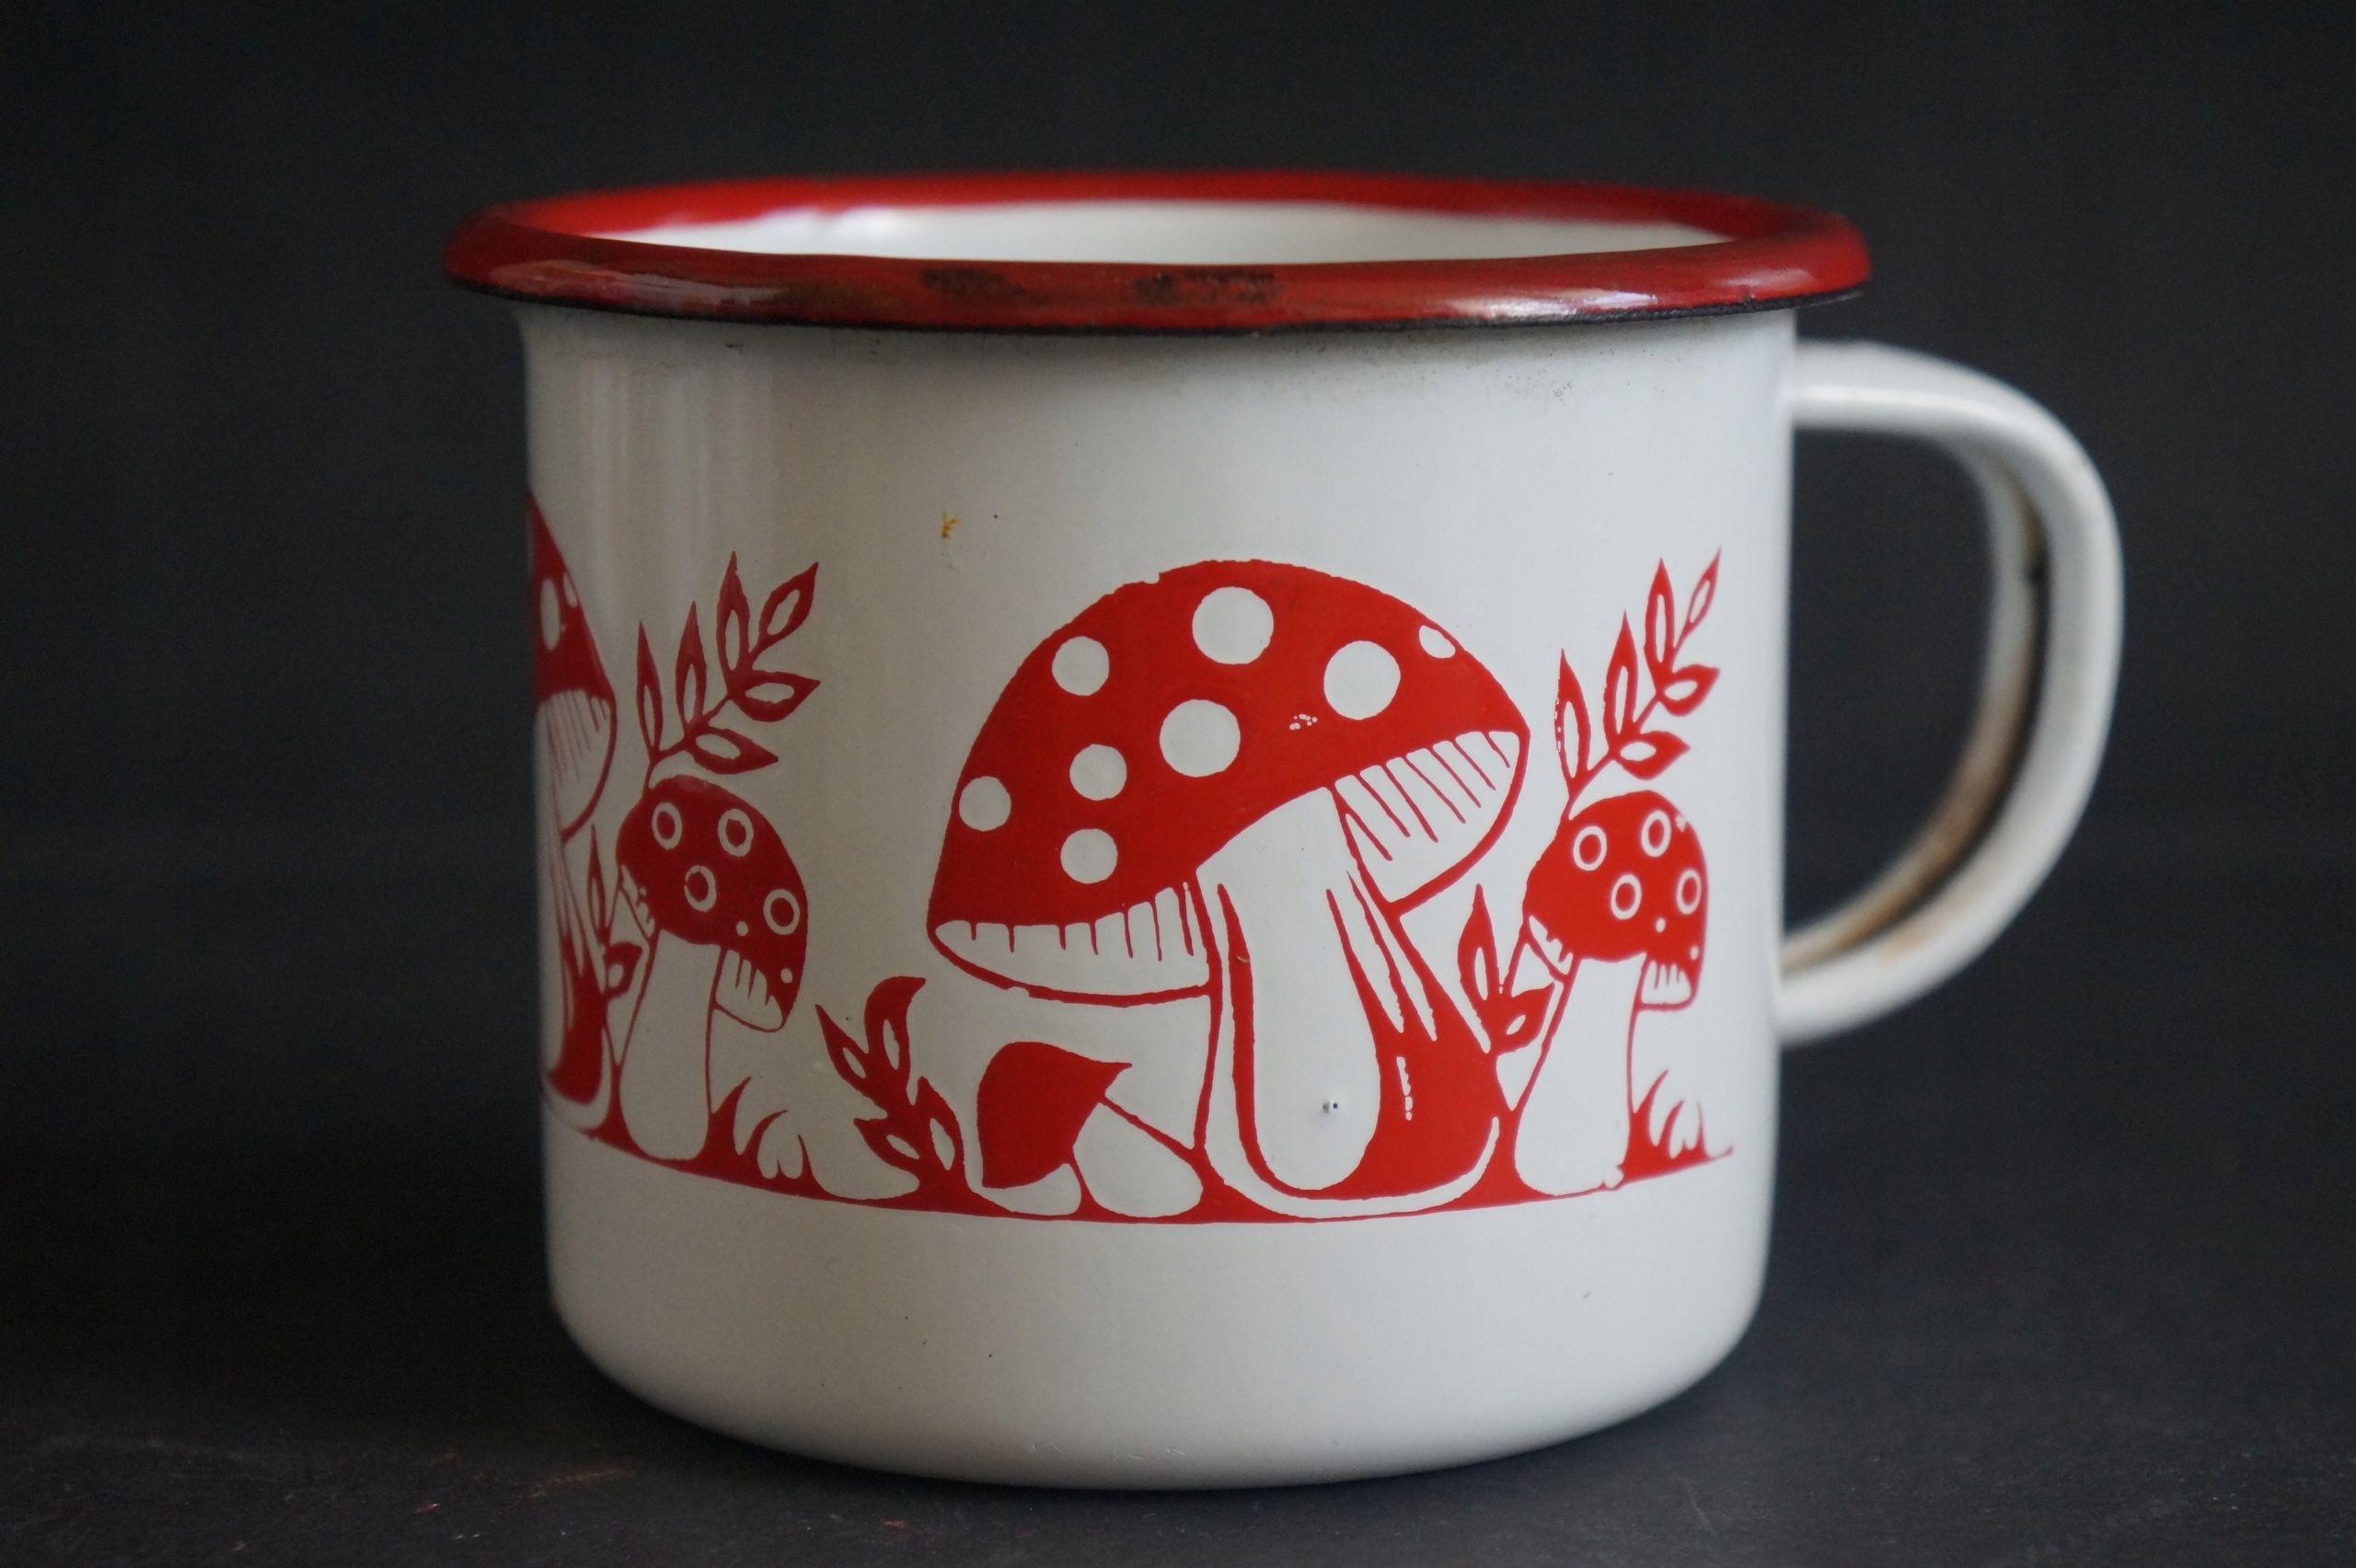 Olkusz Stara Emalia Piekny Kubek W Muchomorki 8606392276 Oficjalne Archiwum Allegro Ceramics Glassware Tableware